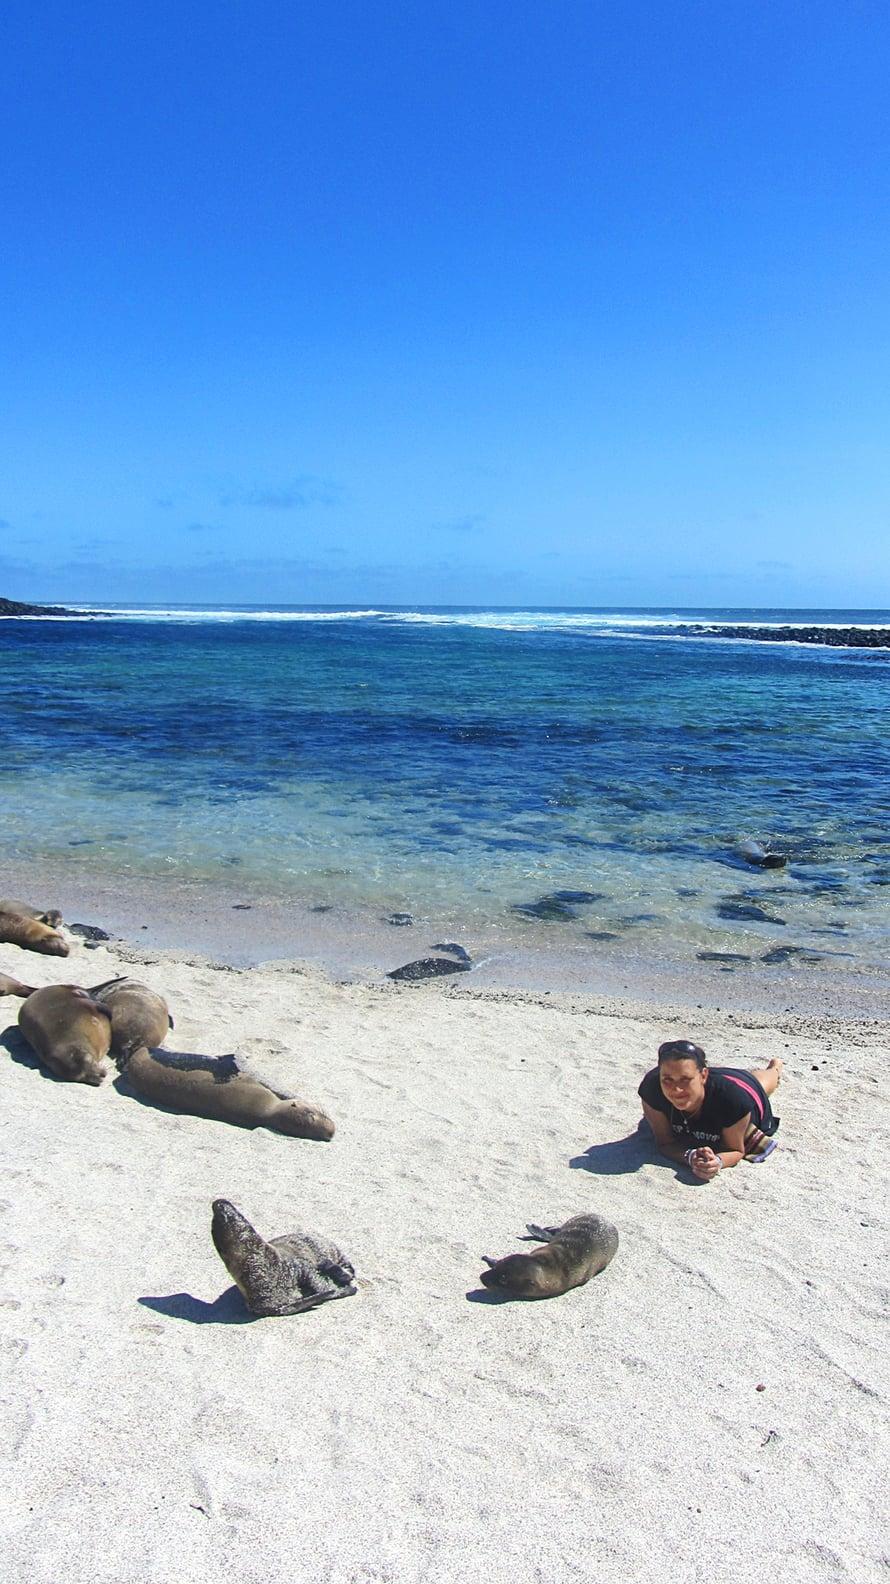 Merileijonat ottavat aurinkoa La Loberían rannalla San Cristóbalin saarella Galapagoksella.